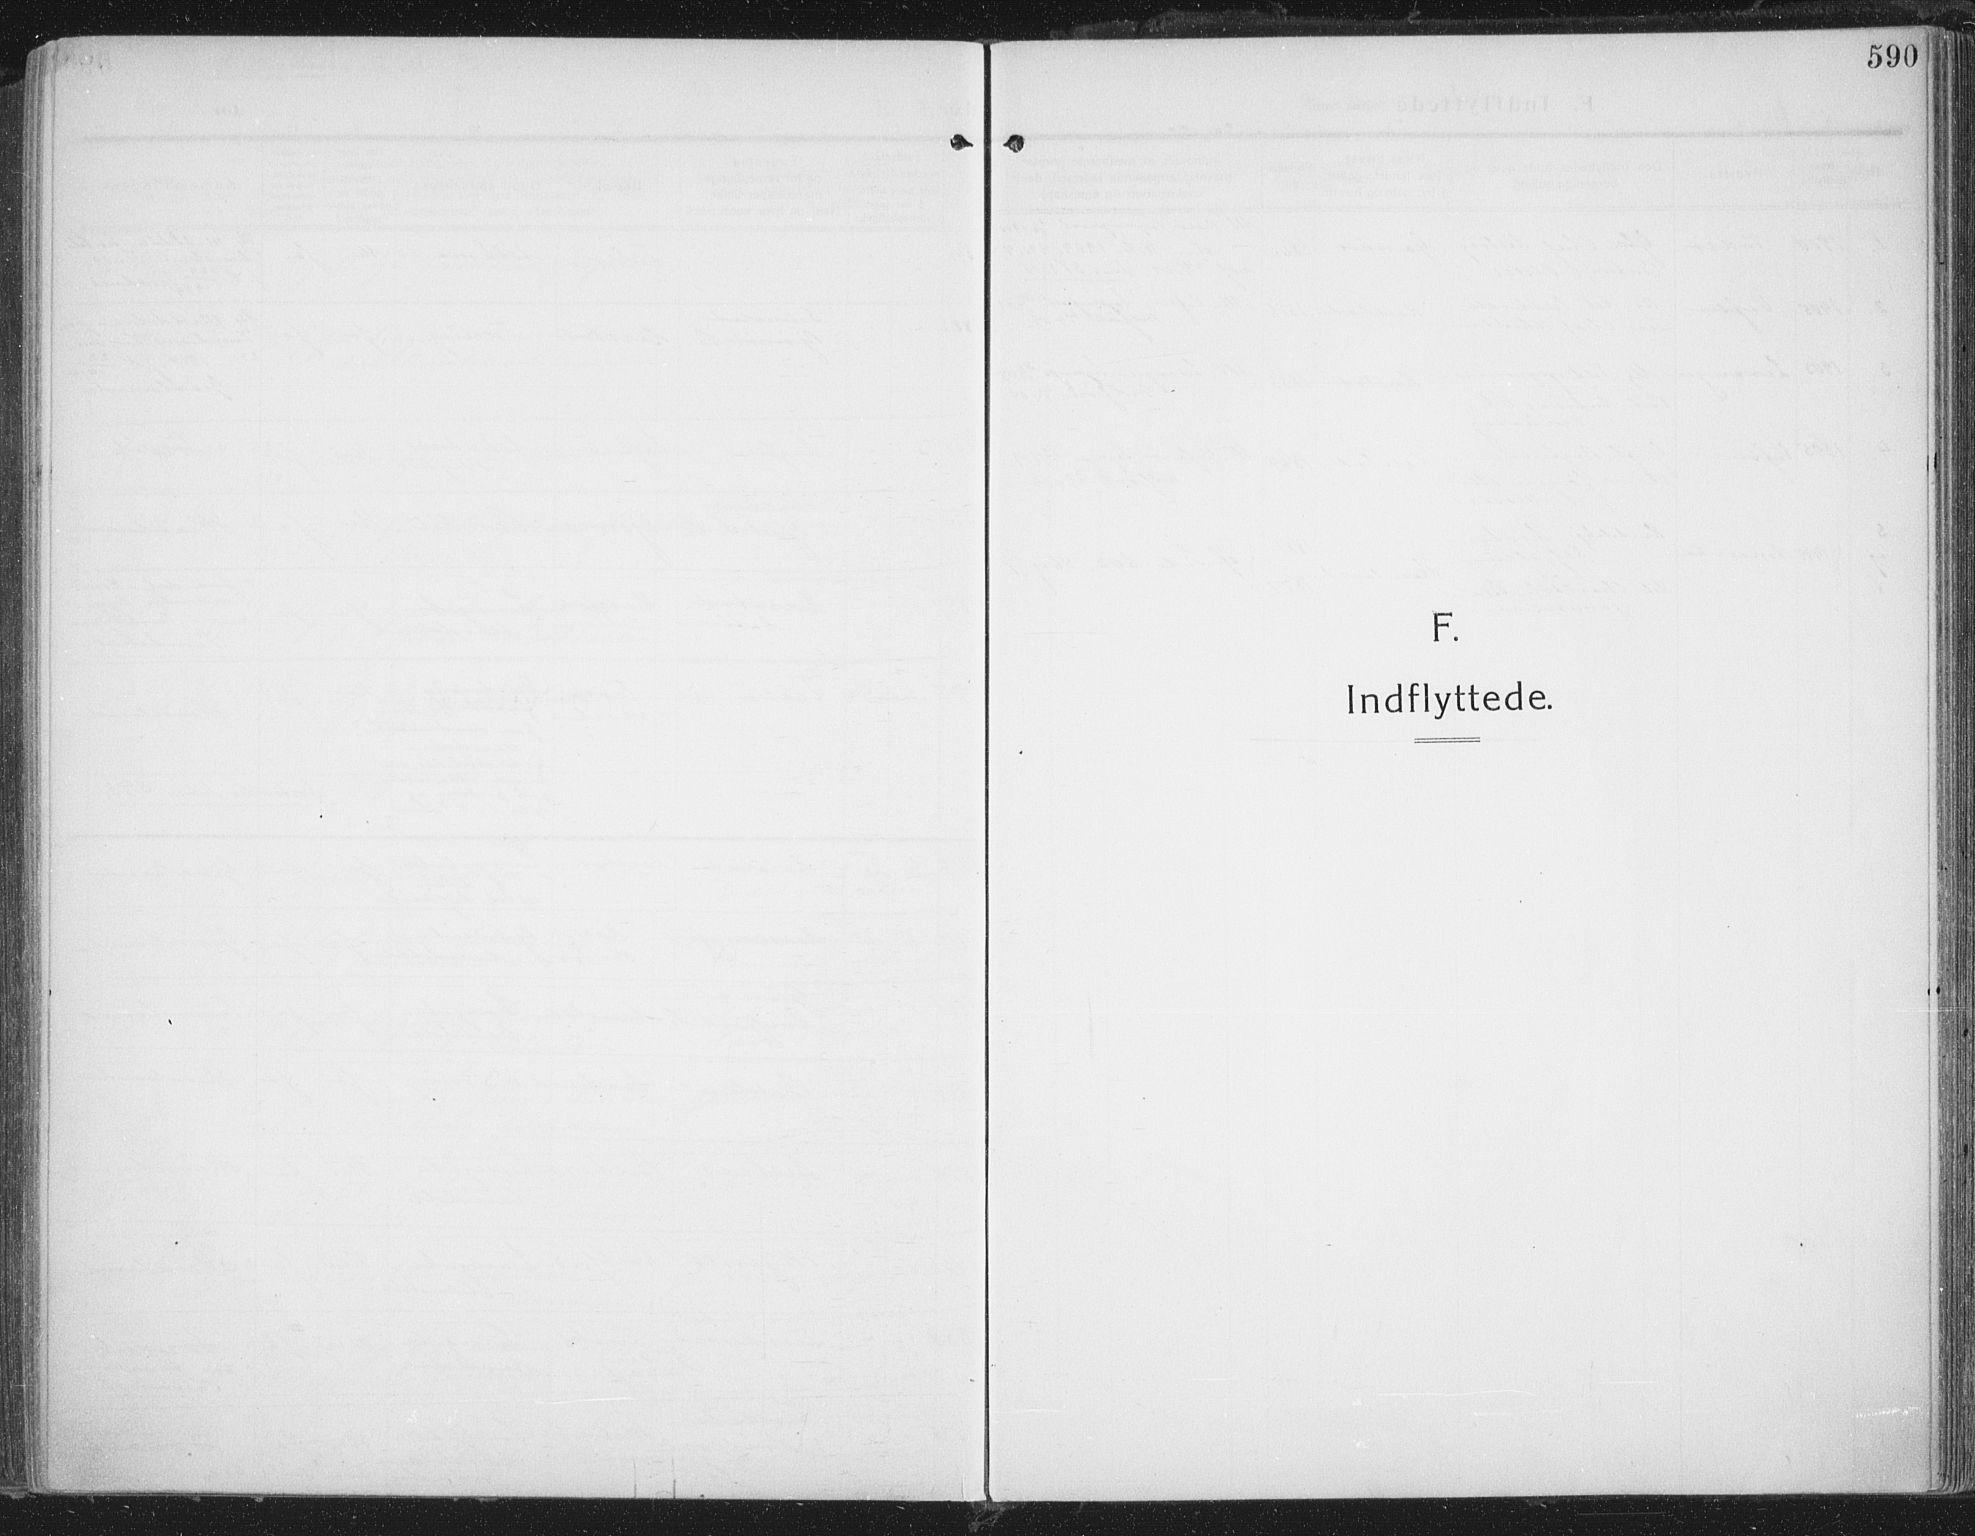 SATØ, Trondenes sokneprestkontor, H/Ha/L0018kirke: Ministerialbok nr. 18, 1909-1918, s. 590